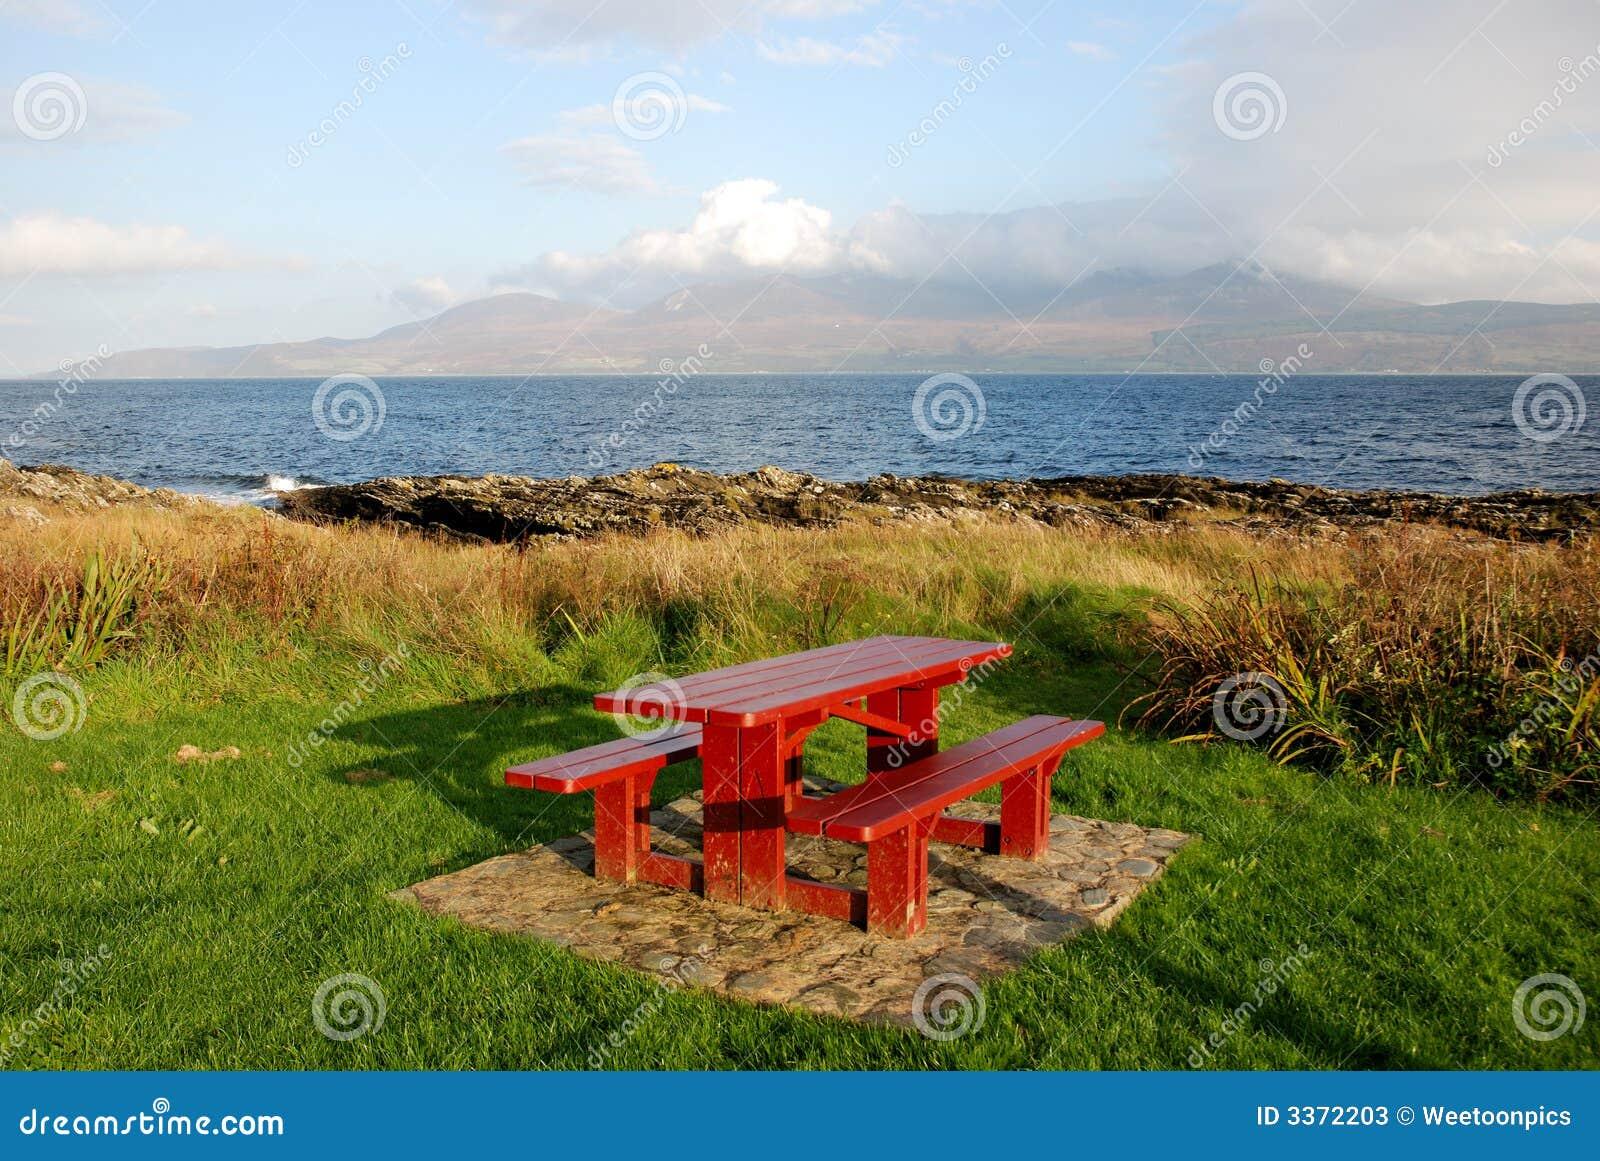 Picknickbereich